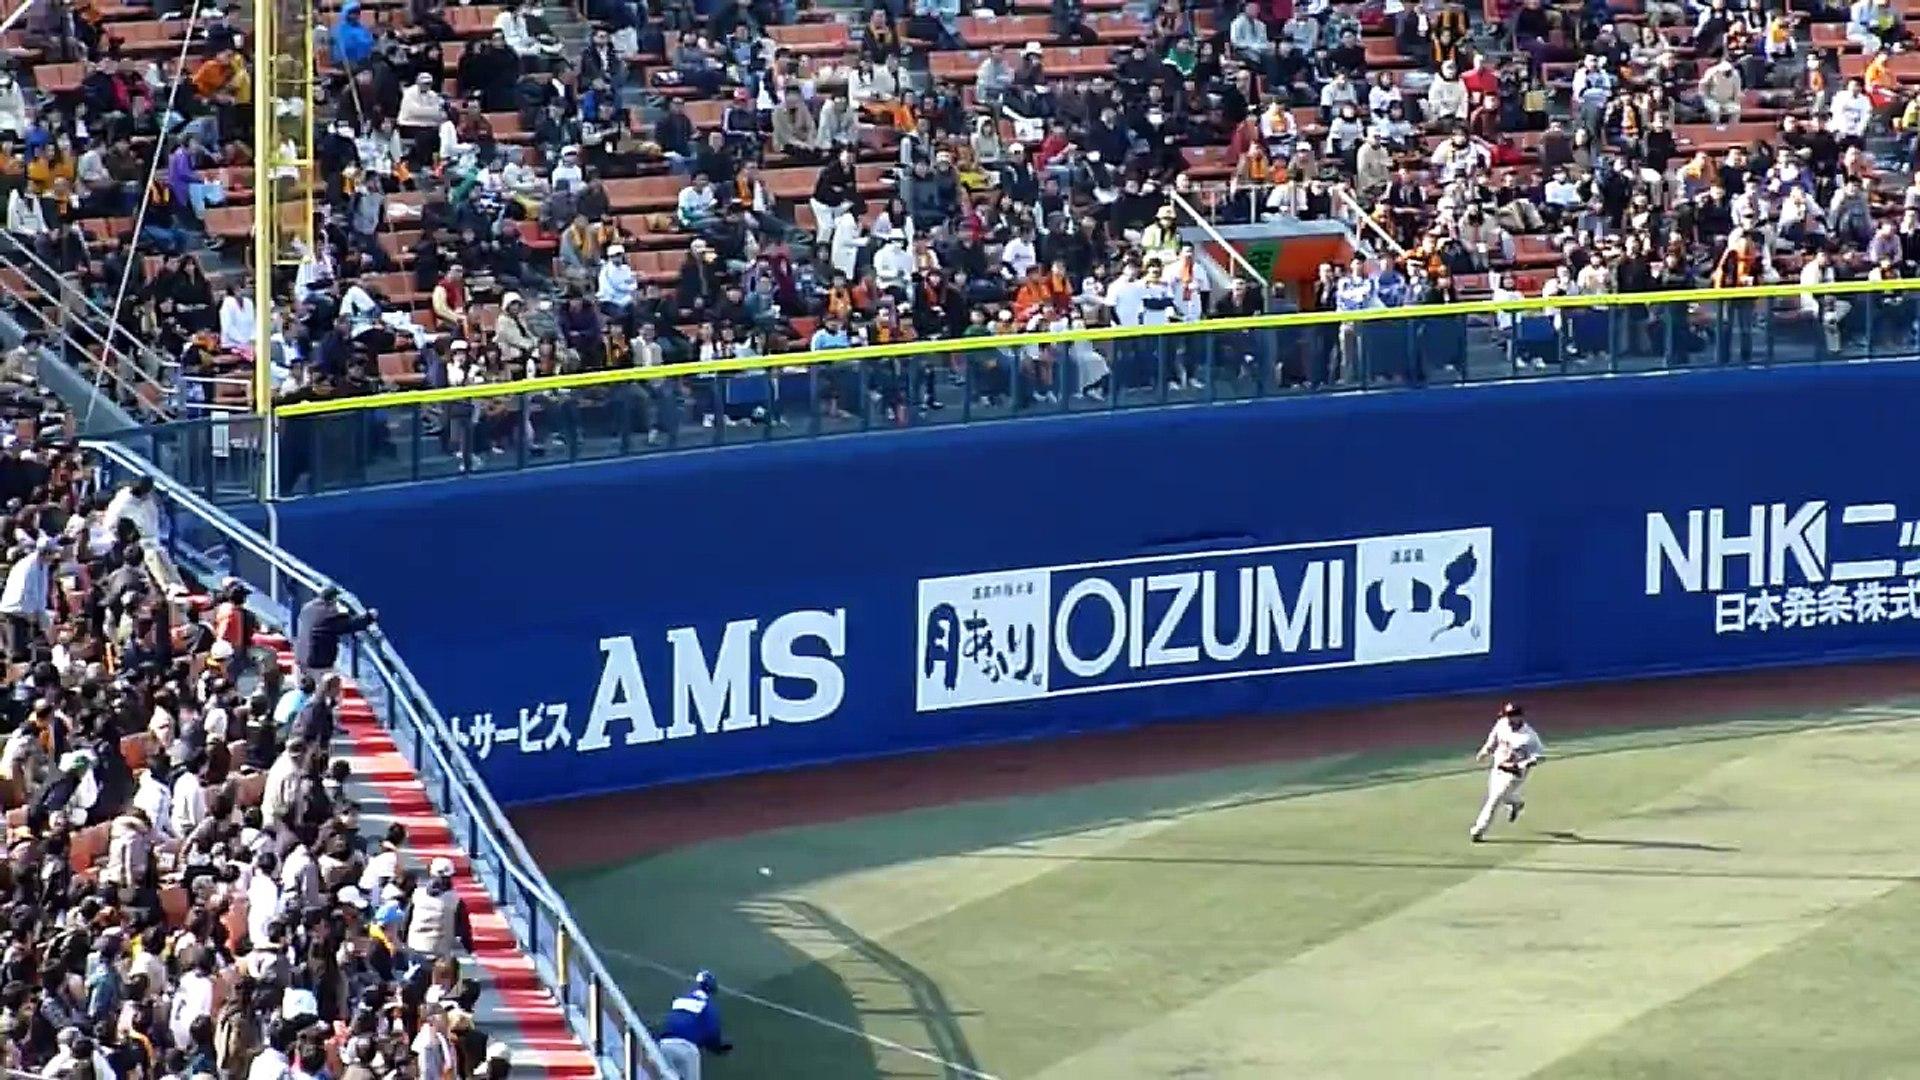 10.03.22 横浜vs読売28 村田修一 ハンターチャンス